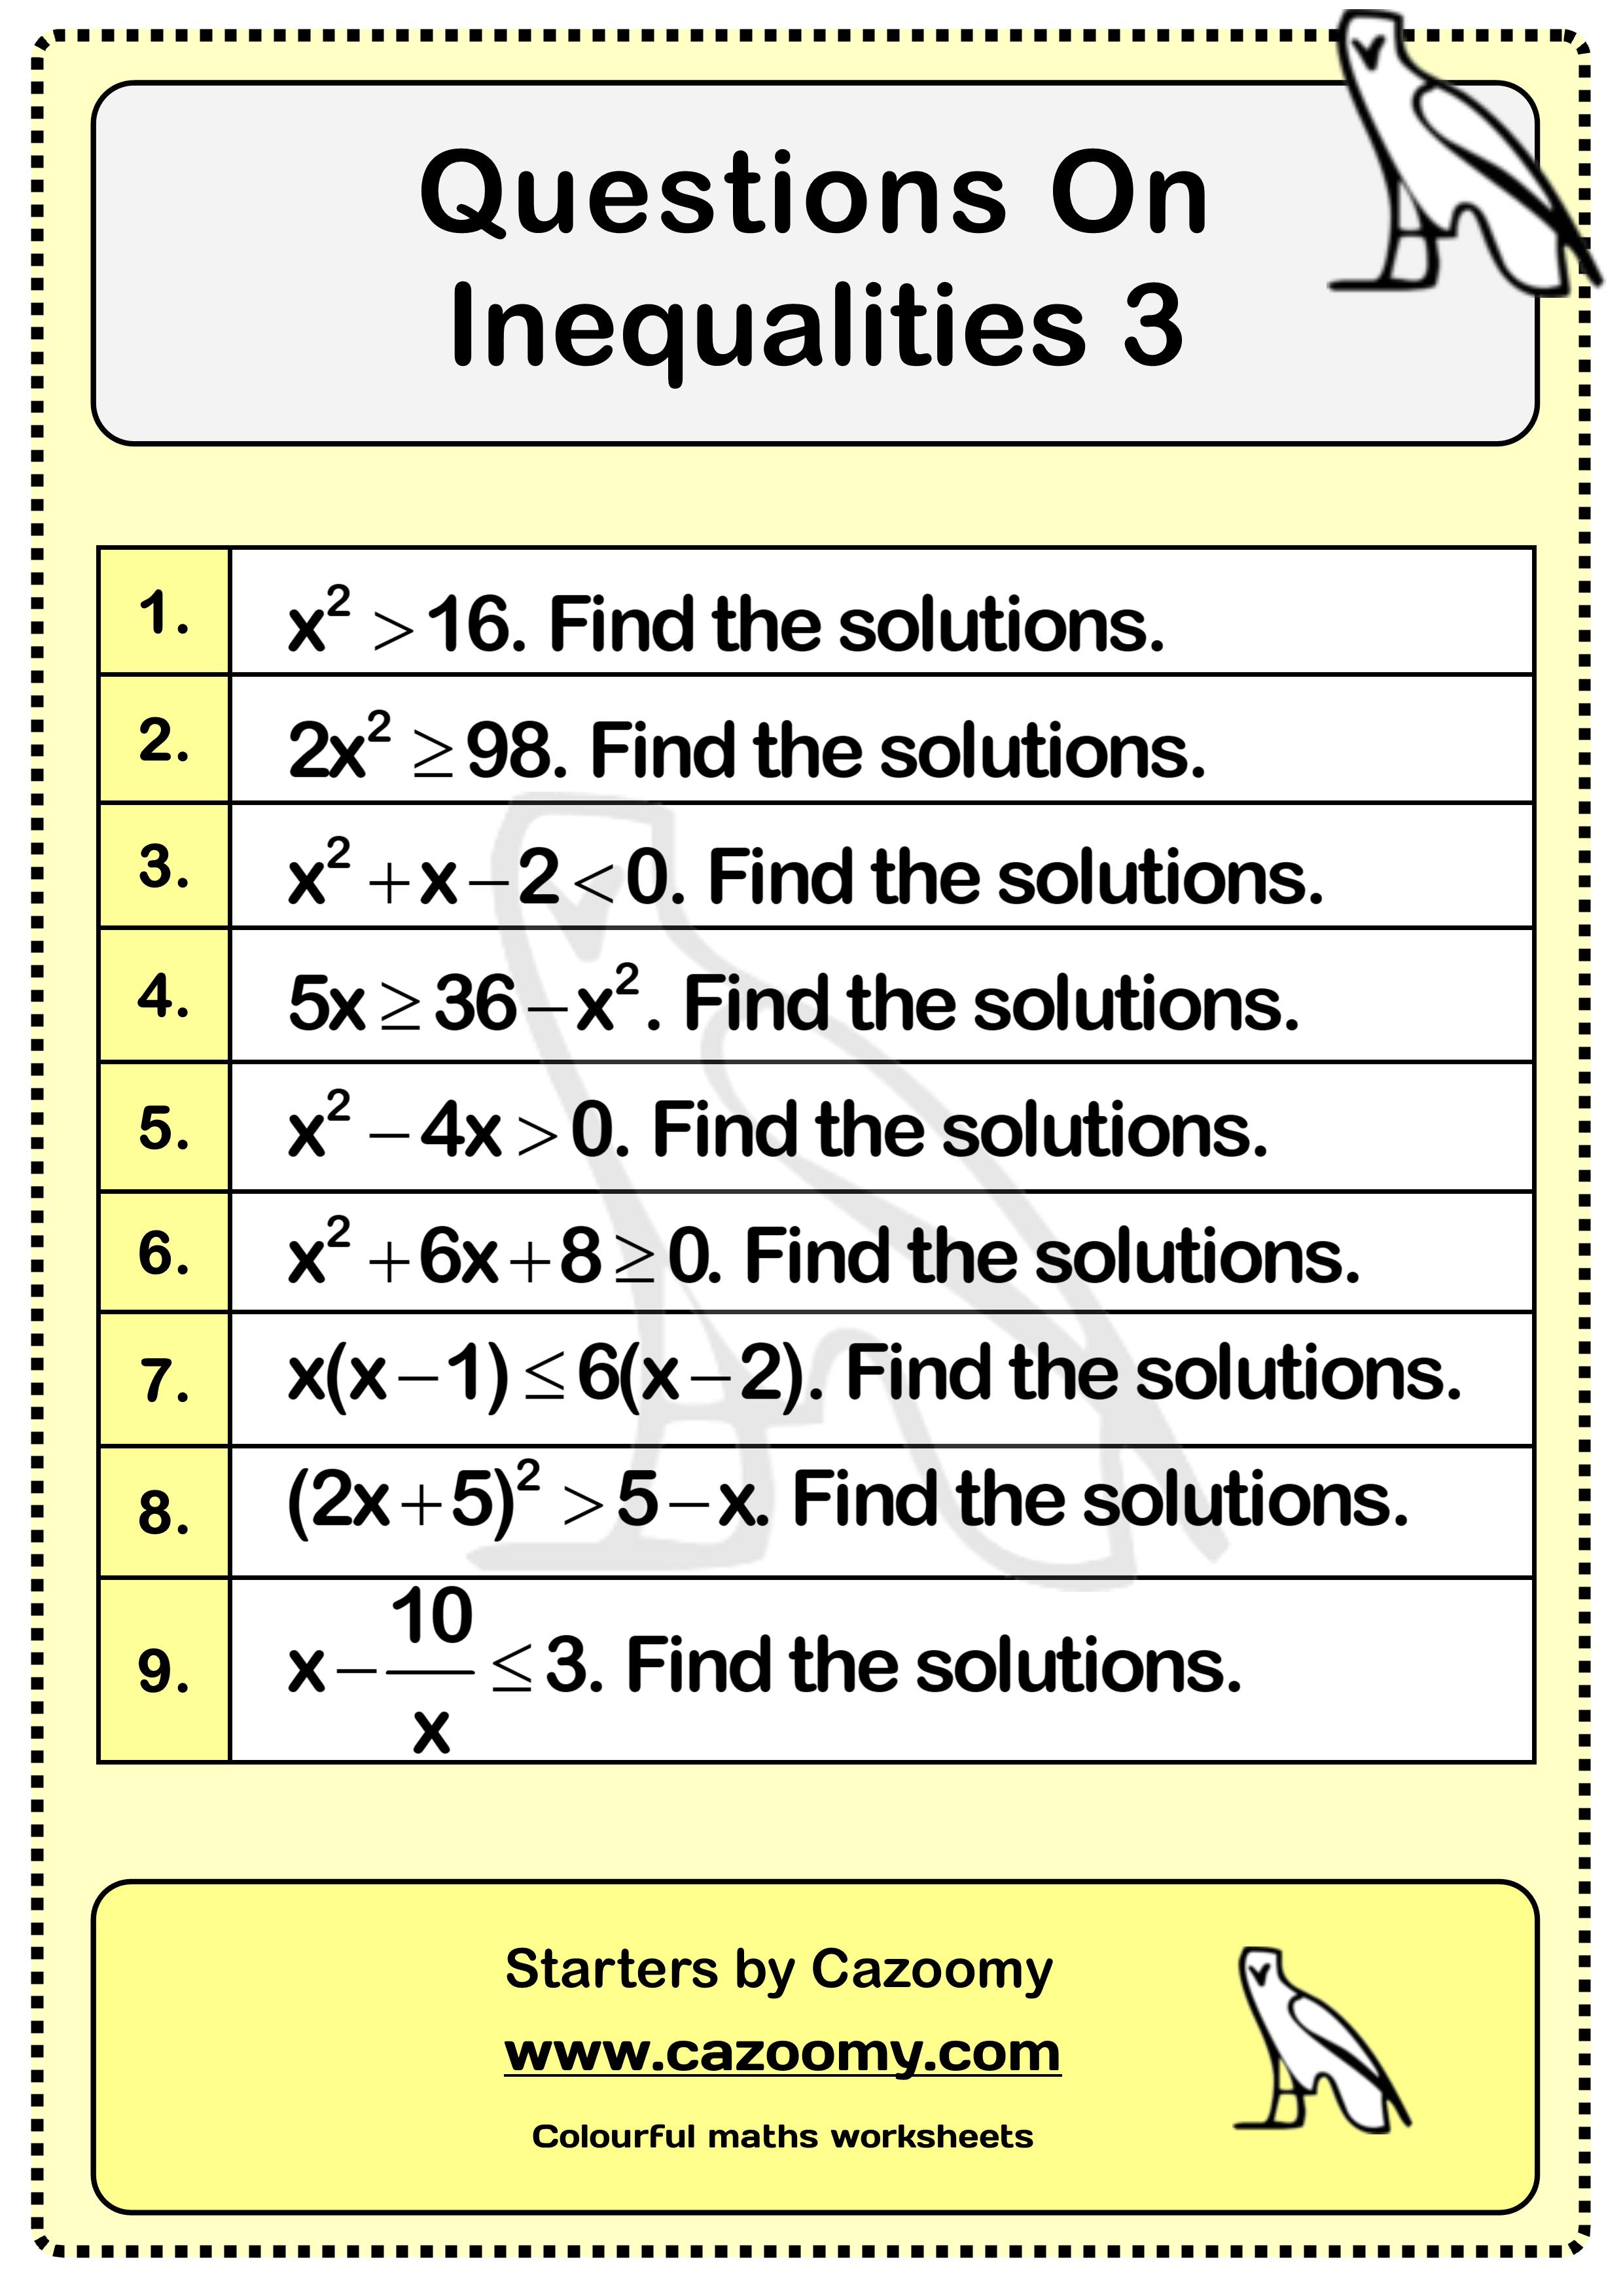 Inequalities Worksheet 3